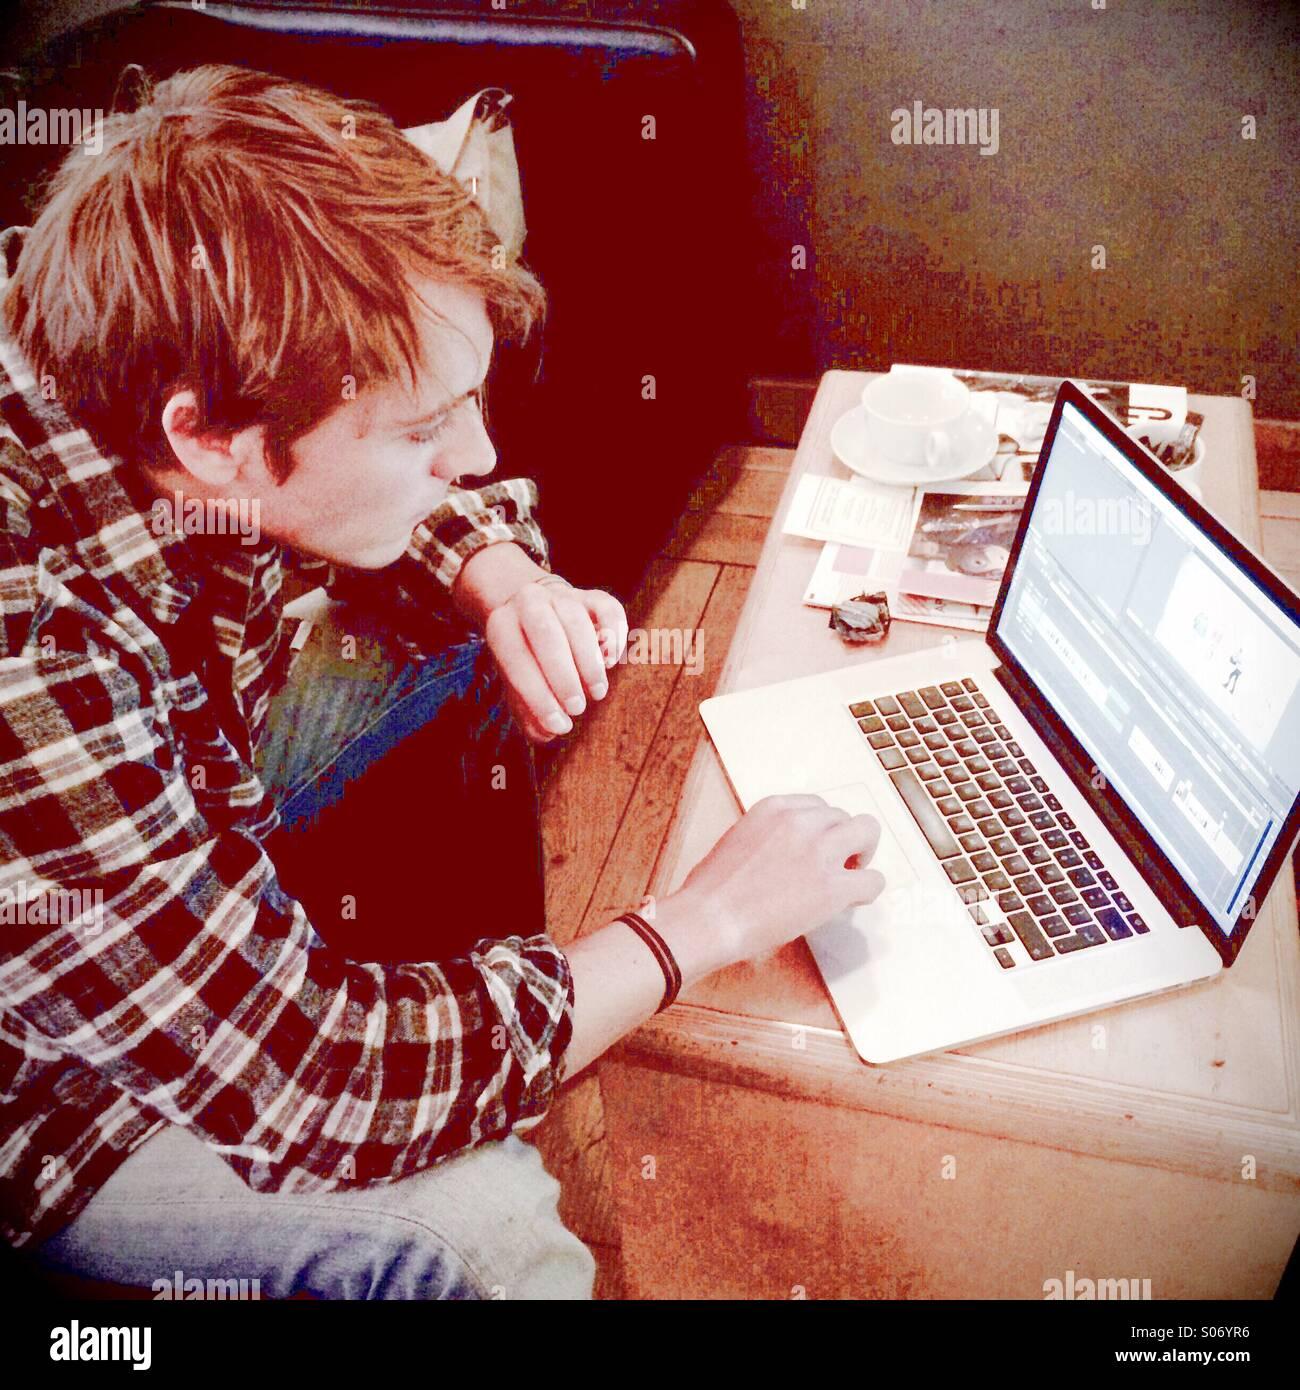 Un hombre joven trabajando en un ordenador portátil Imagen De Stock